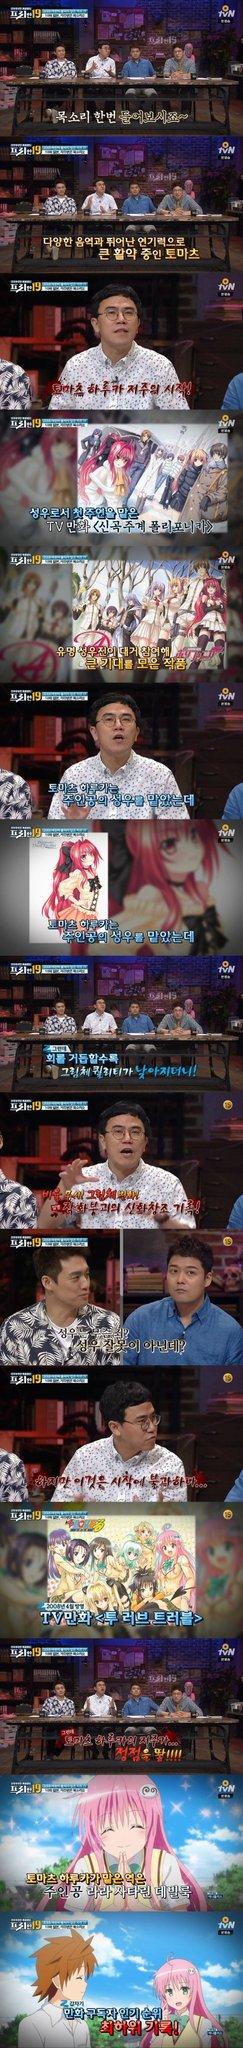 캬 tvN놈들 토마츠 하루카의 저주를 방송에 내보내네... https://t.co/C3QjF86GAX